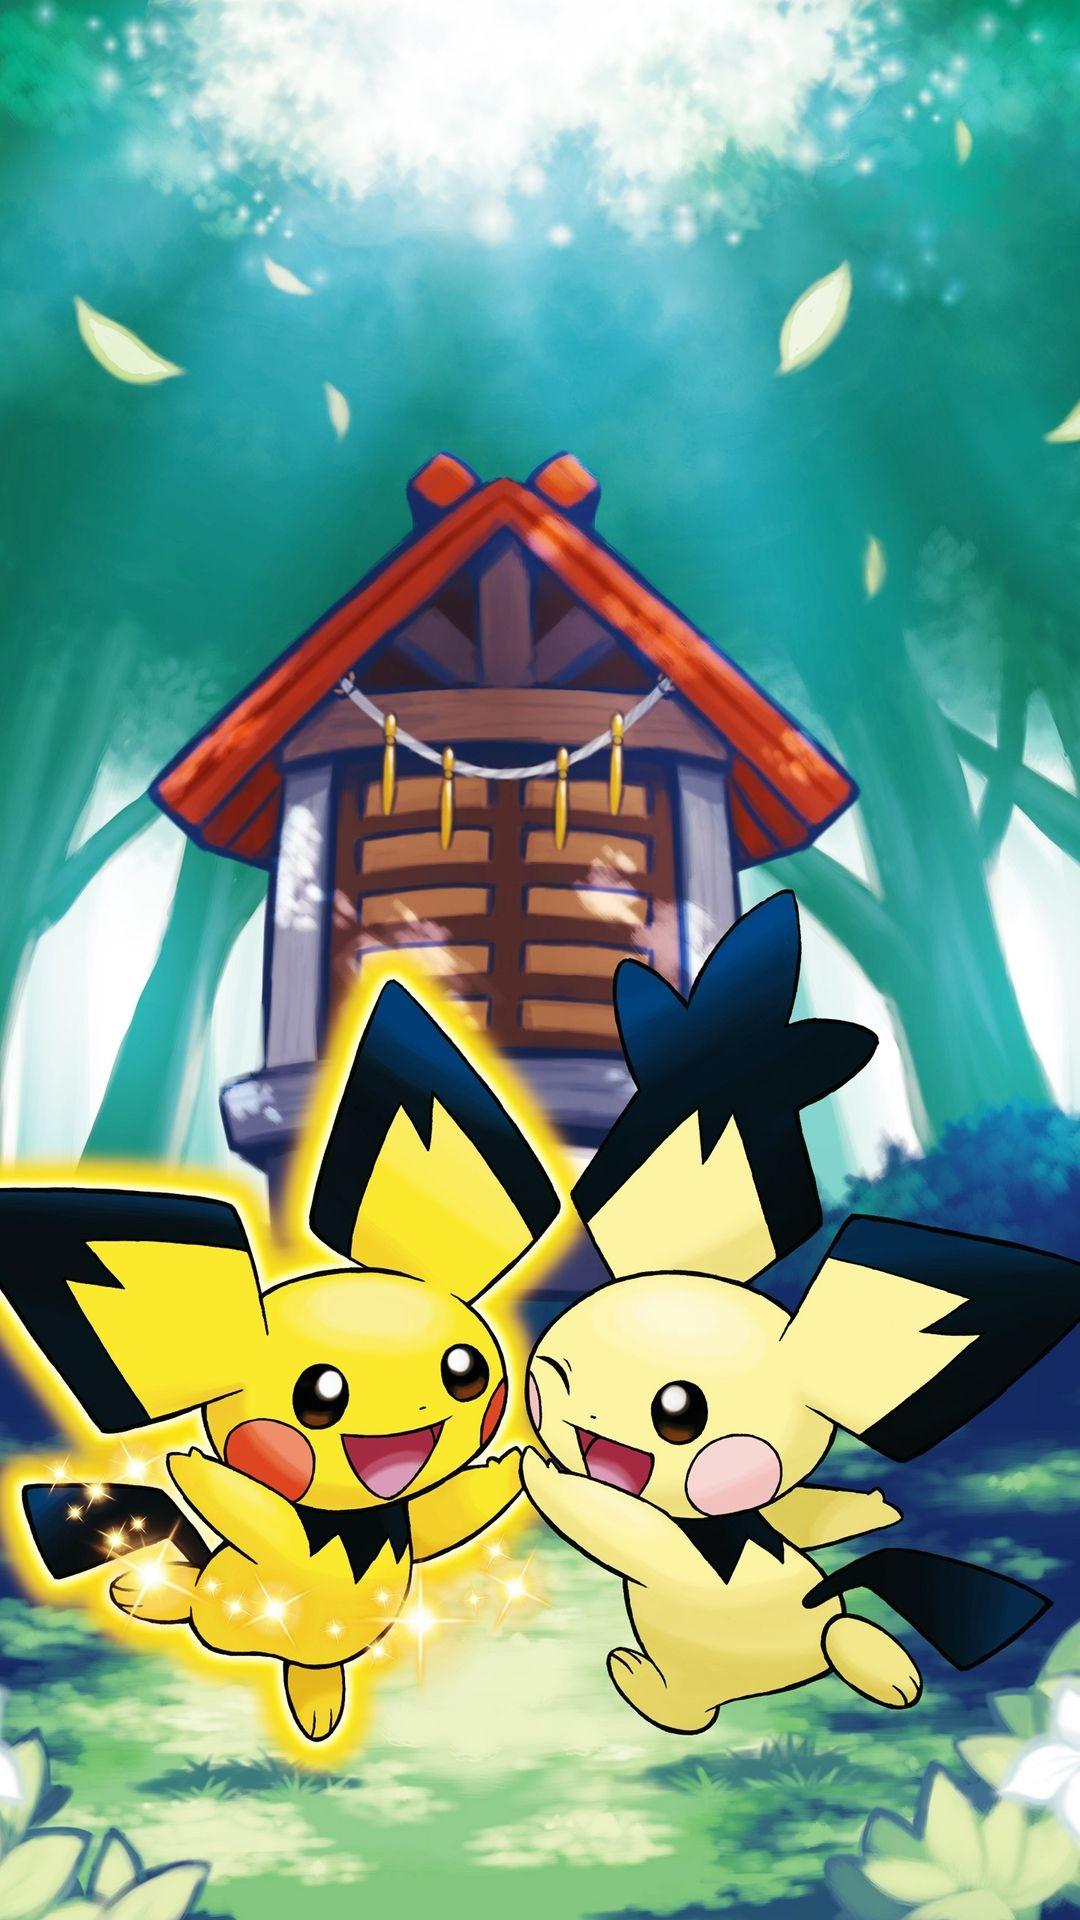 Pokemon Pichu Galaxy S4 Wallpaper (1080×1920)